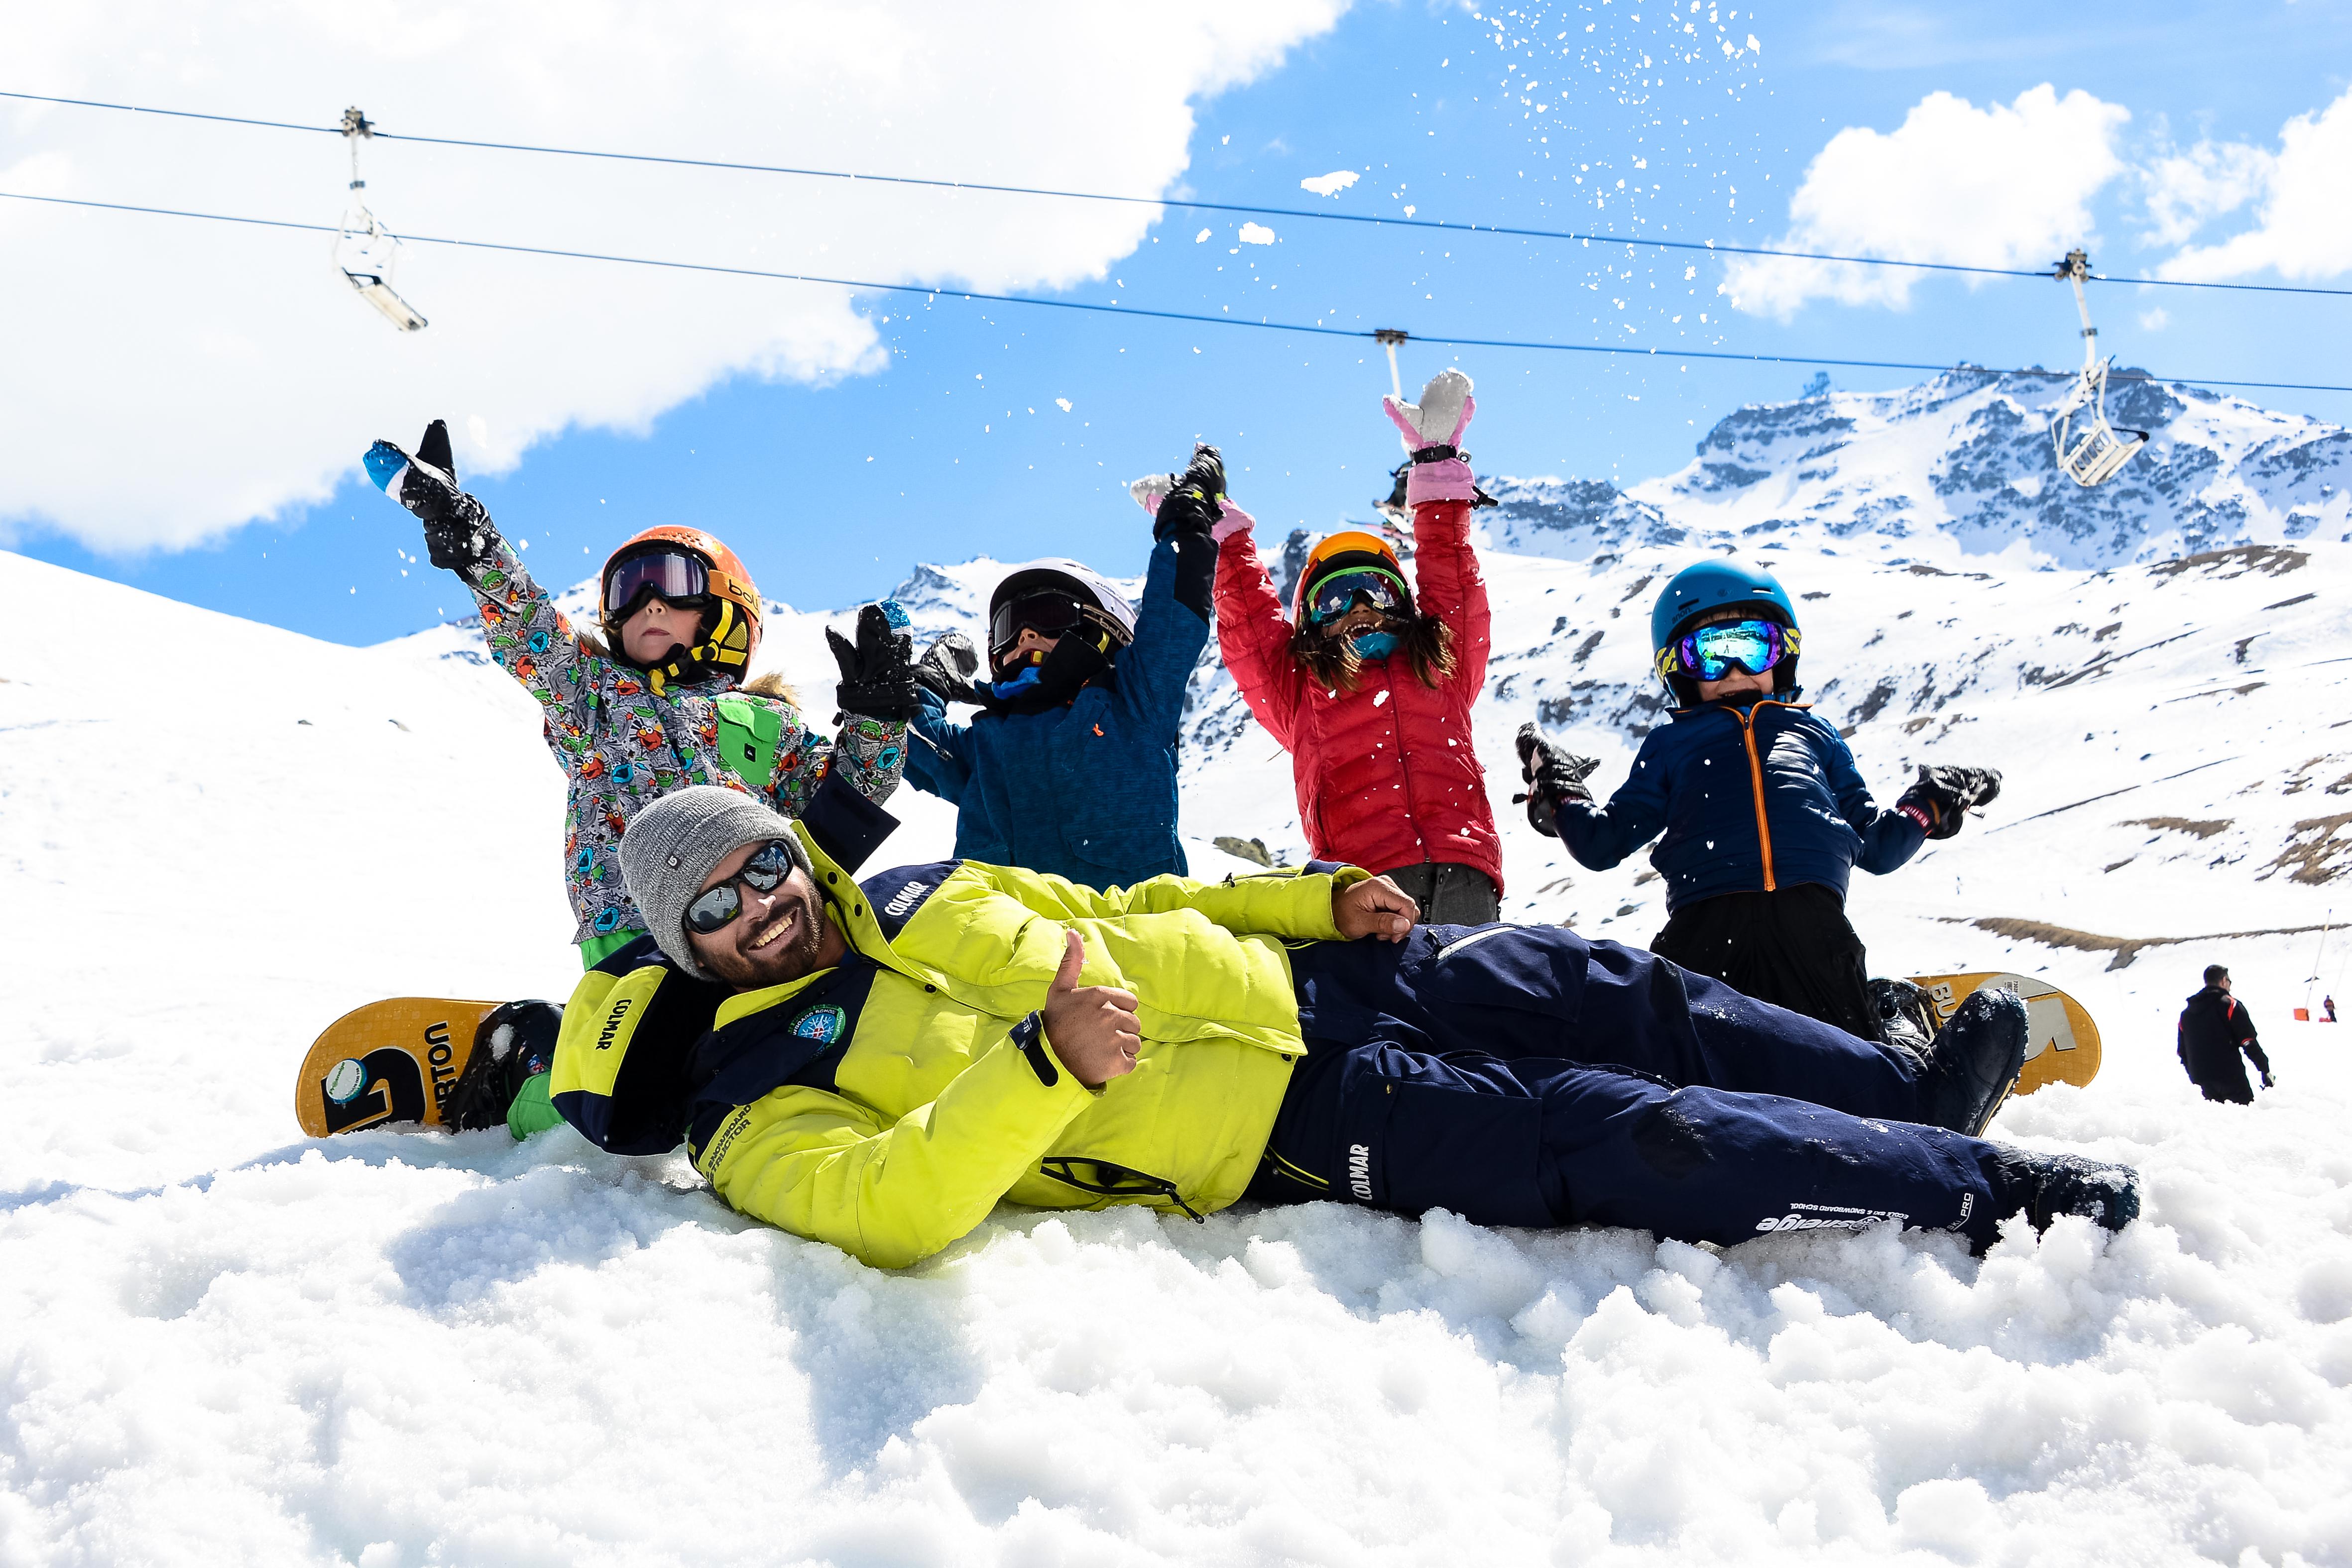 Cours snowboard enfant - moniteur de snowboard